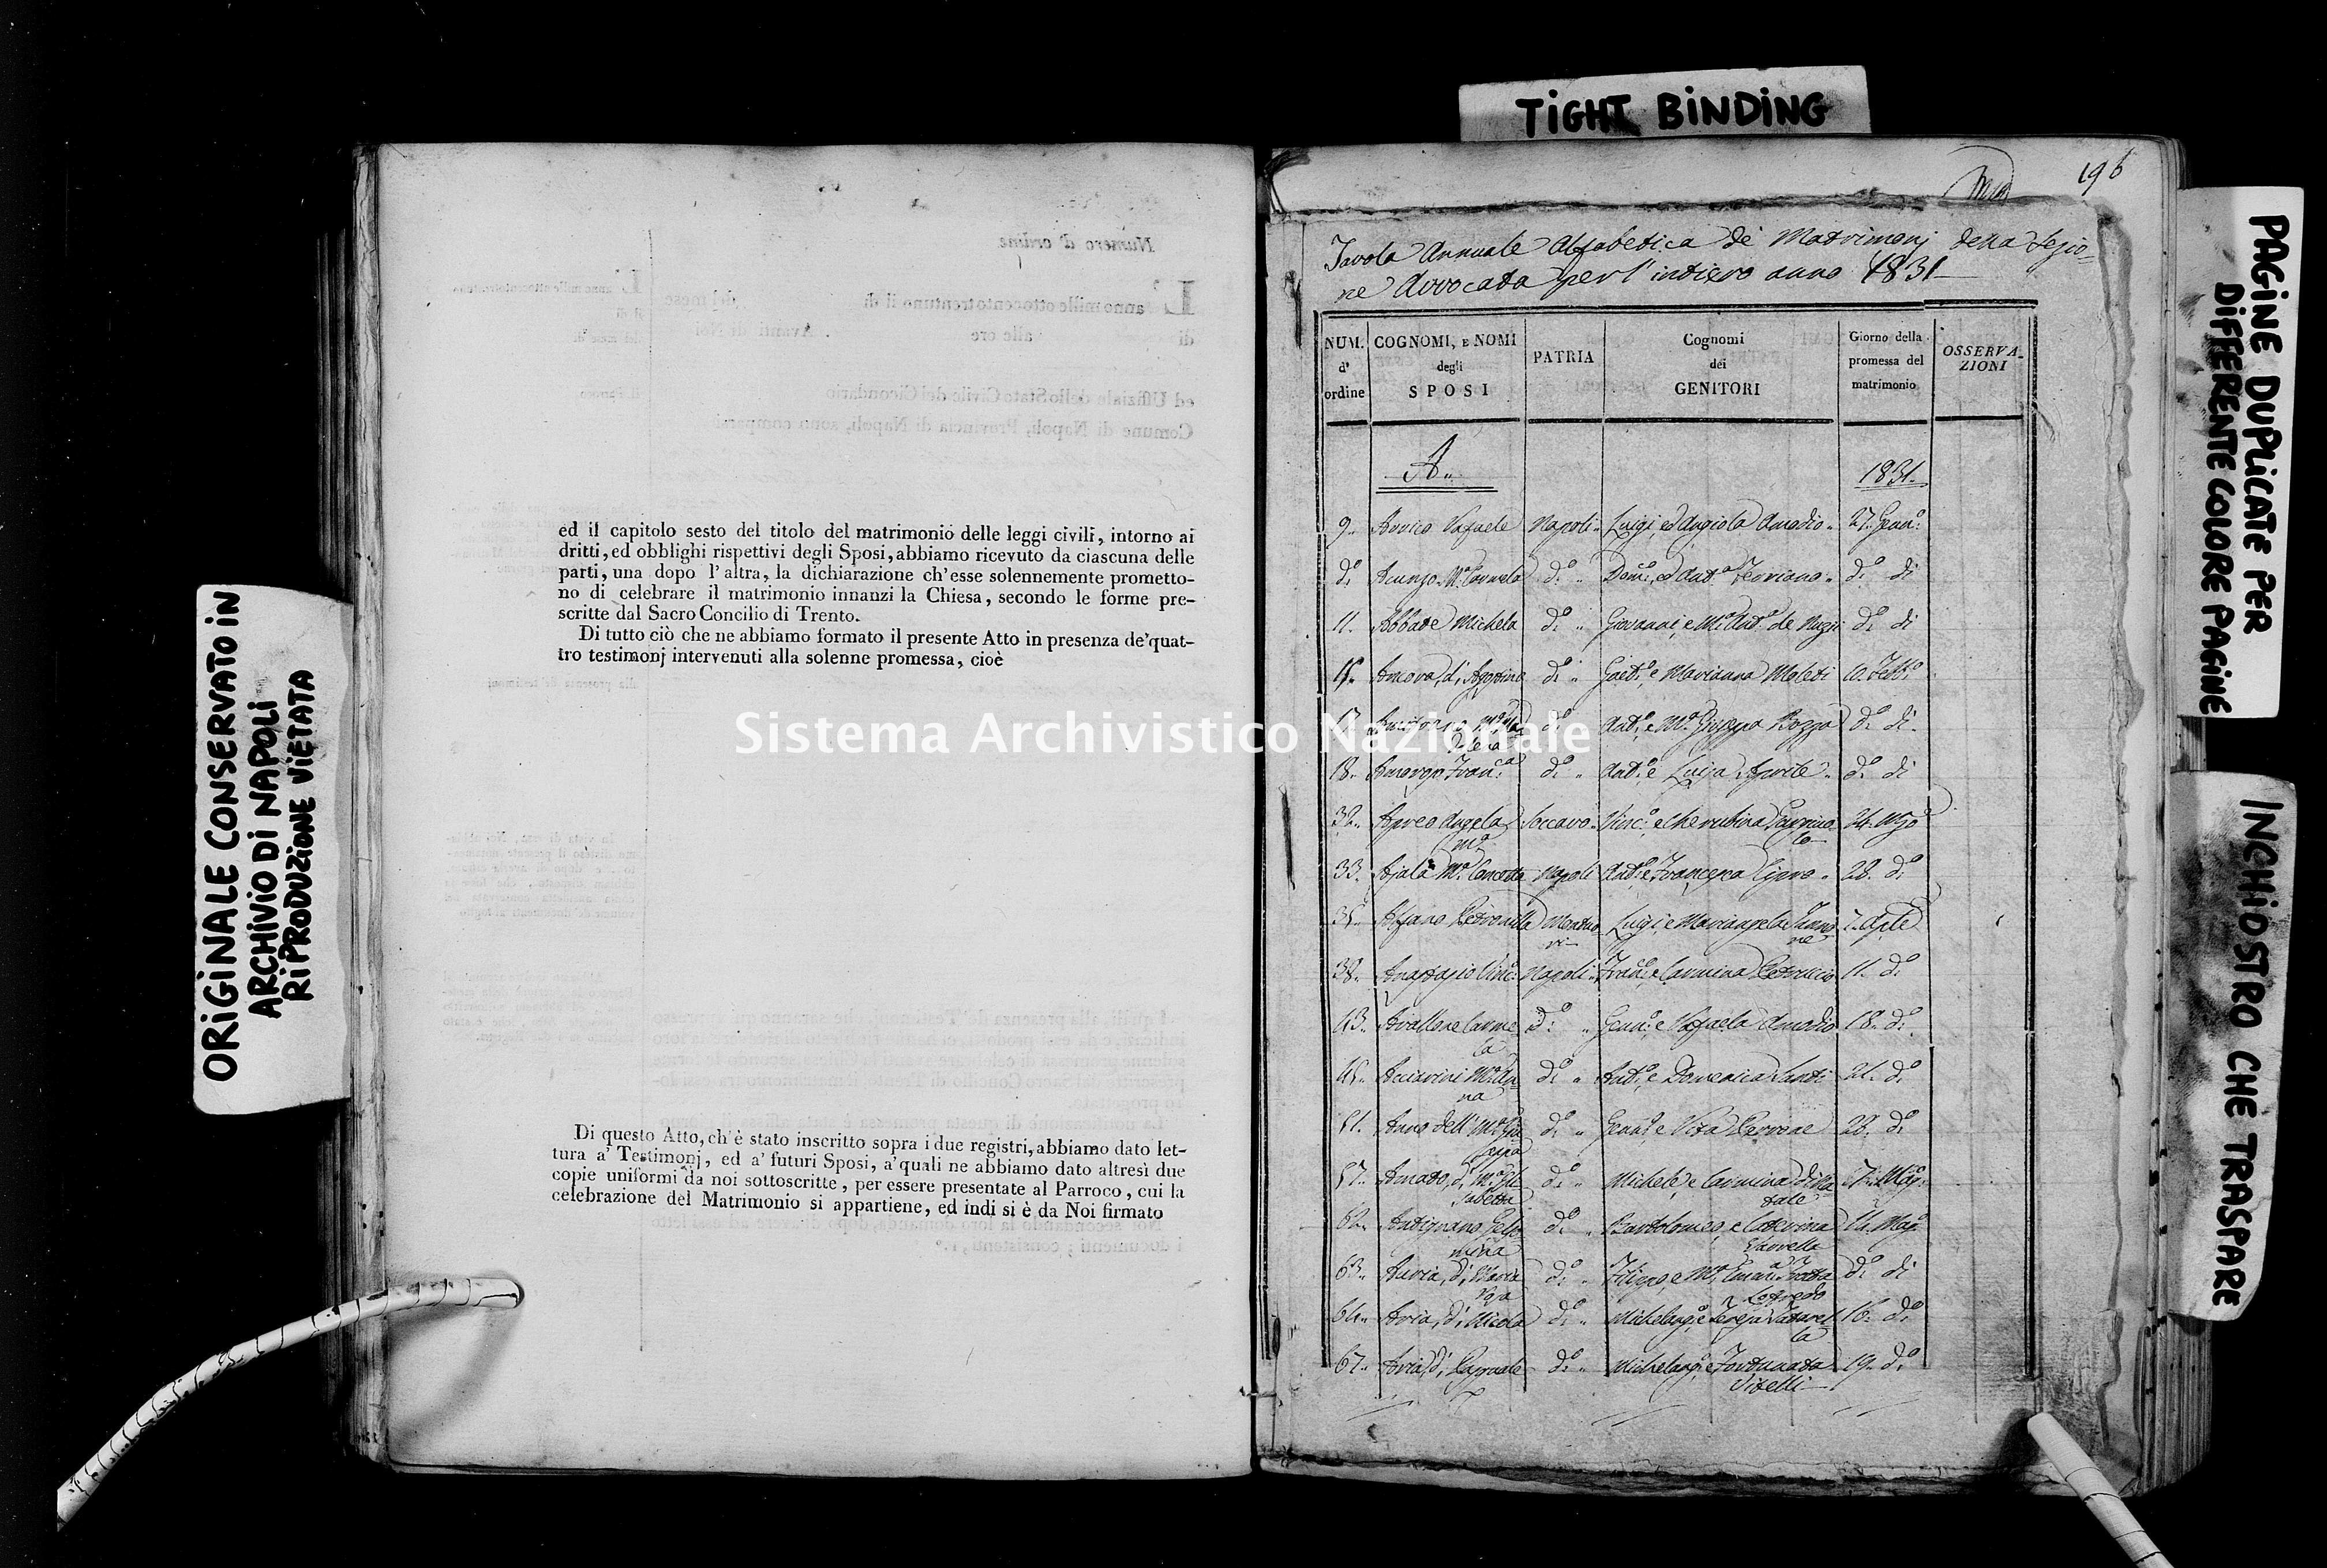 Archivio di stato di Napoli - Stato civile della restaurazione - Avvocata - Matrimoni, indice - 1831 -